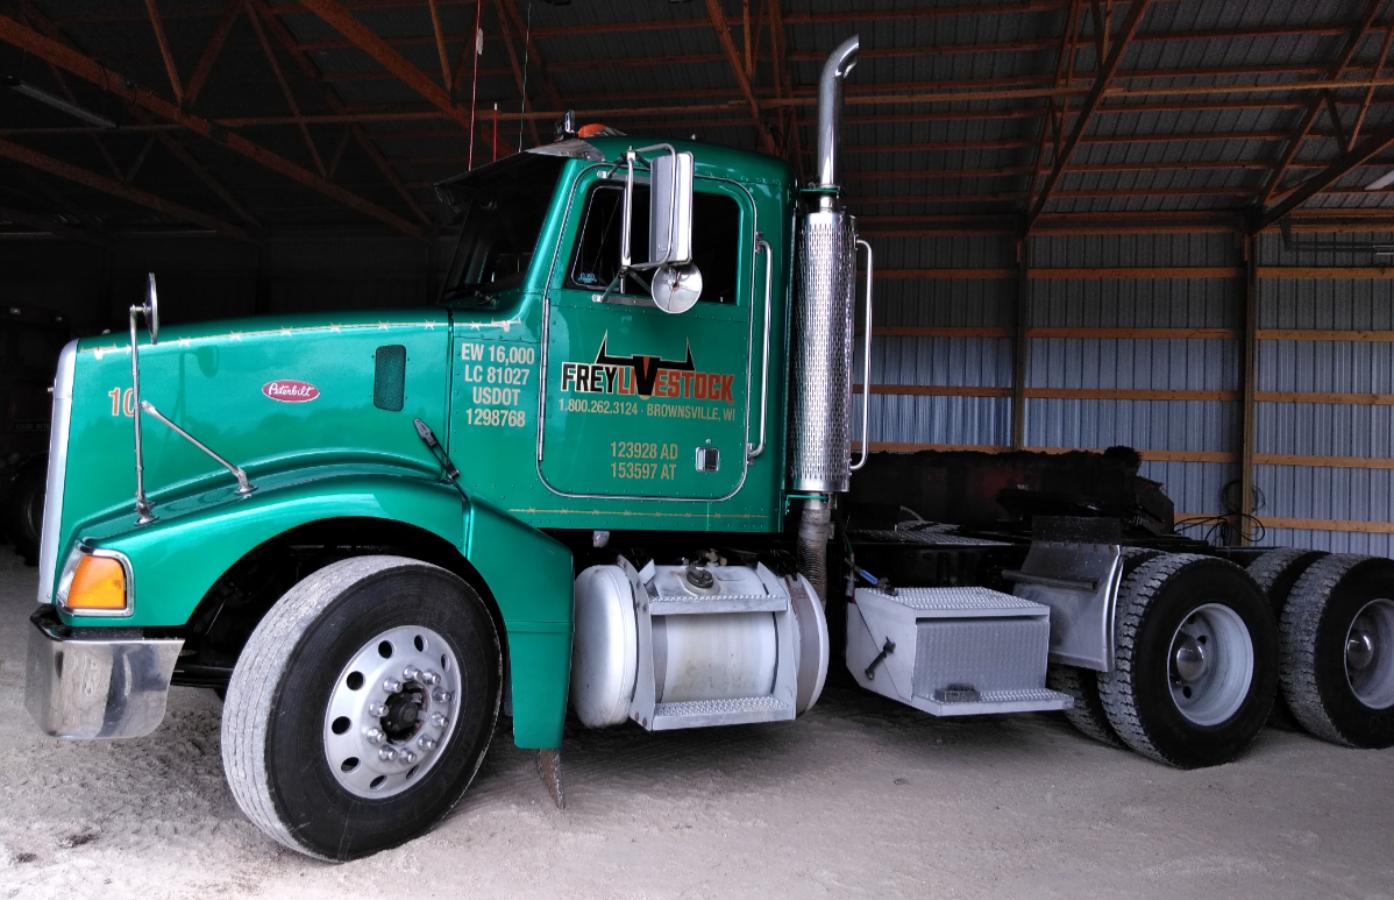 Frey Semi Truck